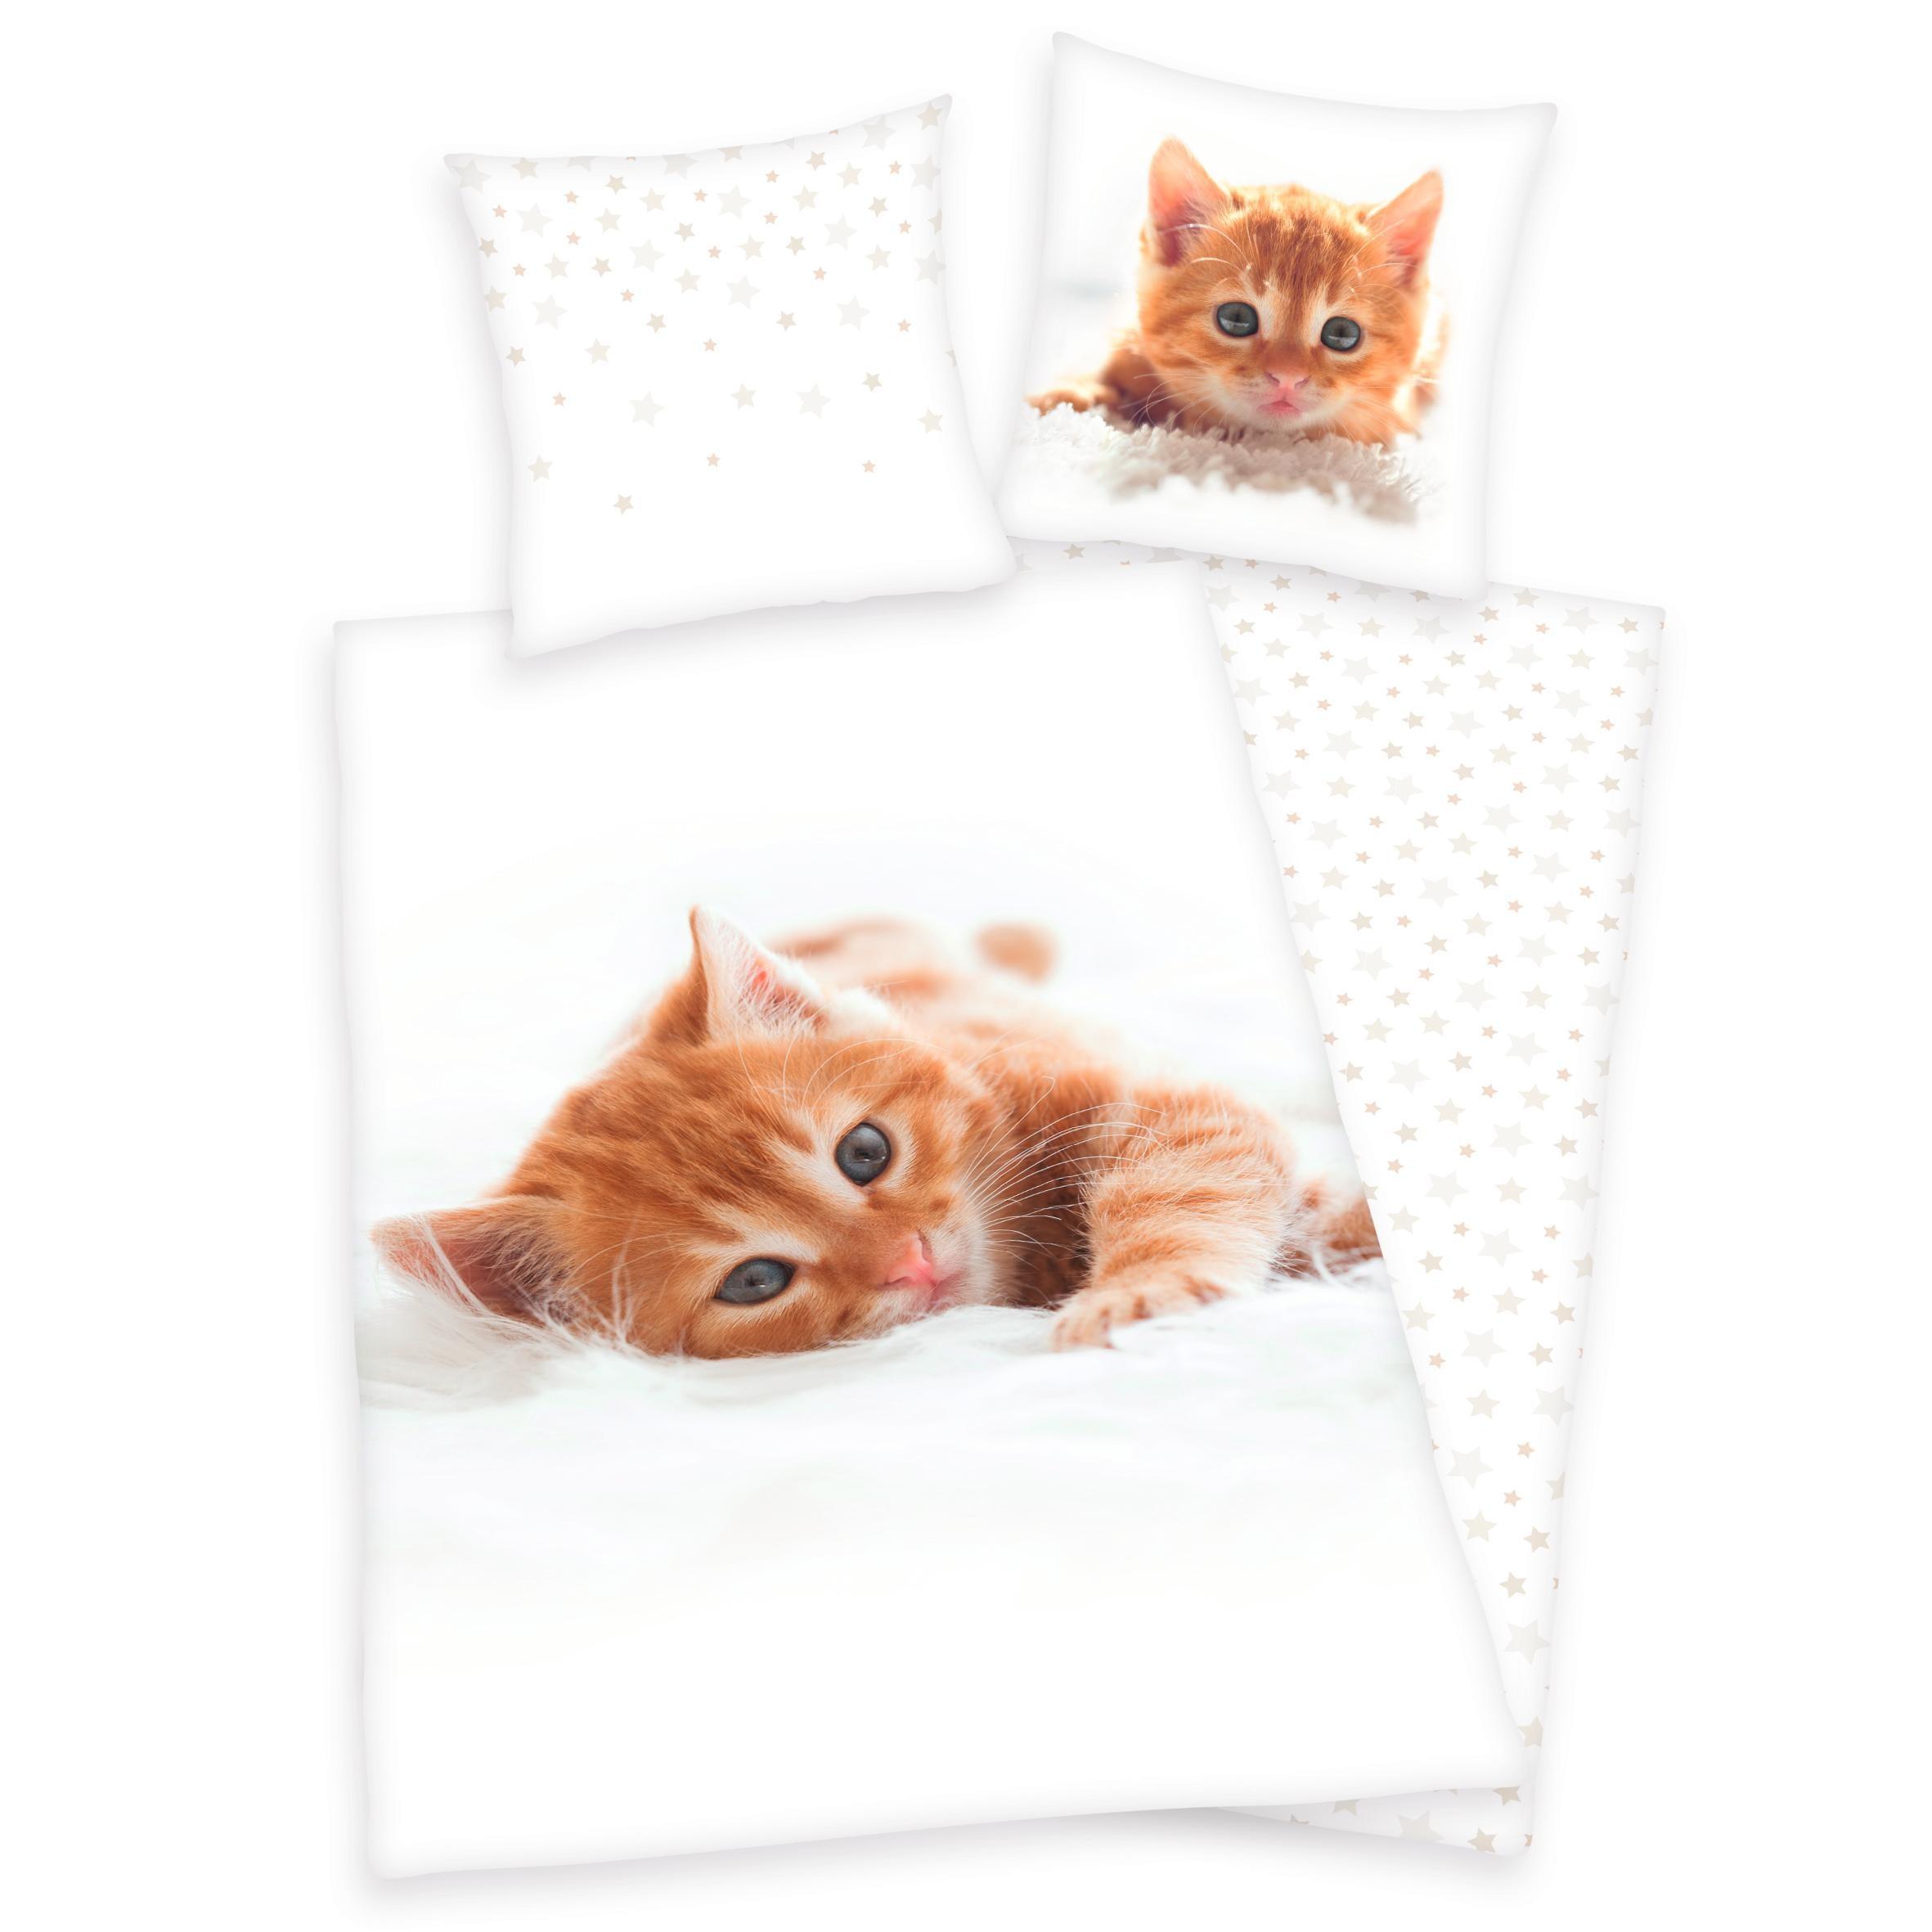 Kinderbettwäsche Katze Herding Young Collection | Kinderzimmer > Textilien für Kinder > Kinderbettwäsche | Weiß | Herding Young Collection